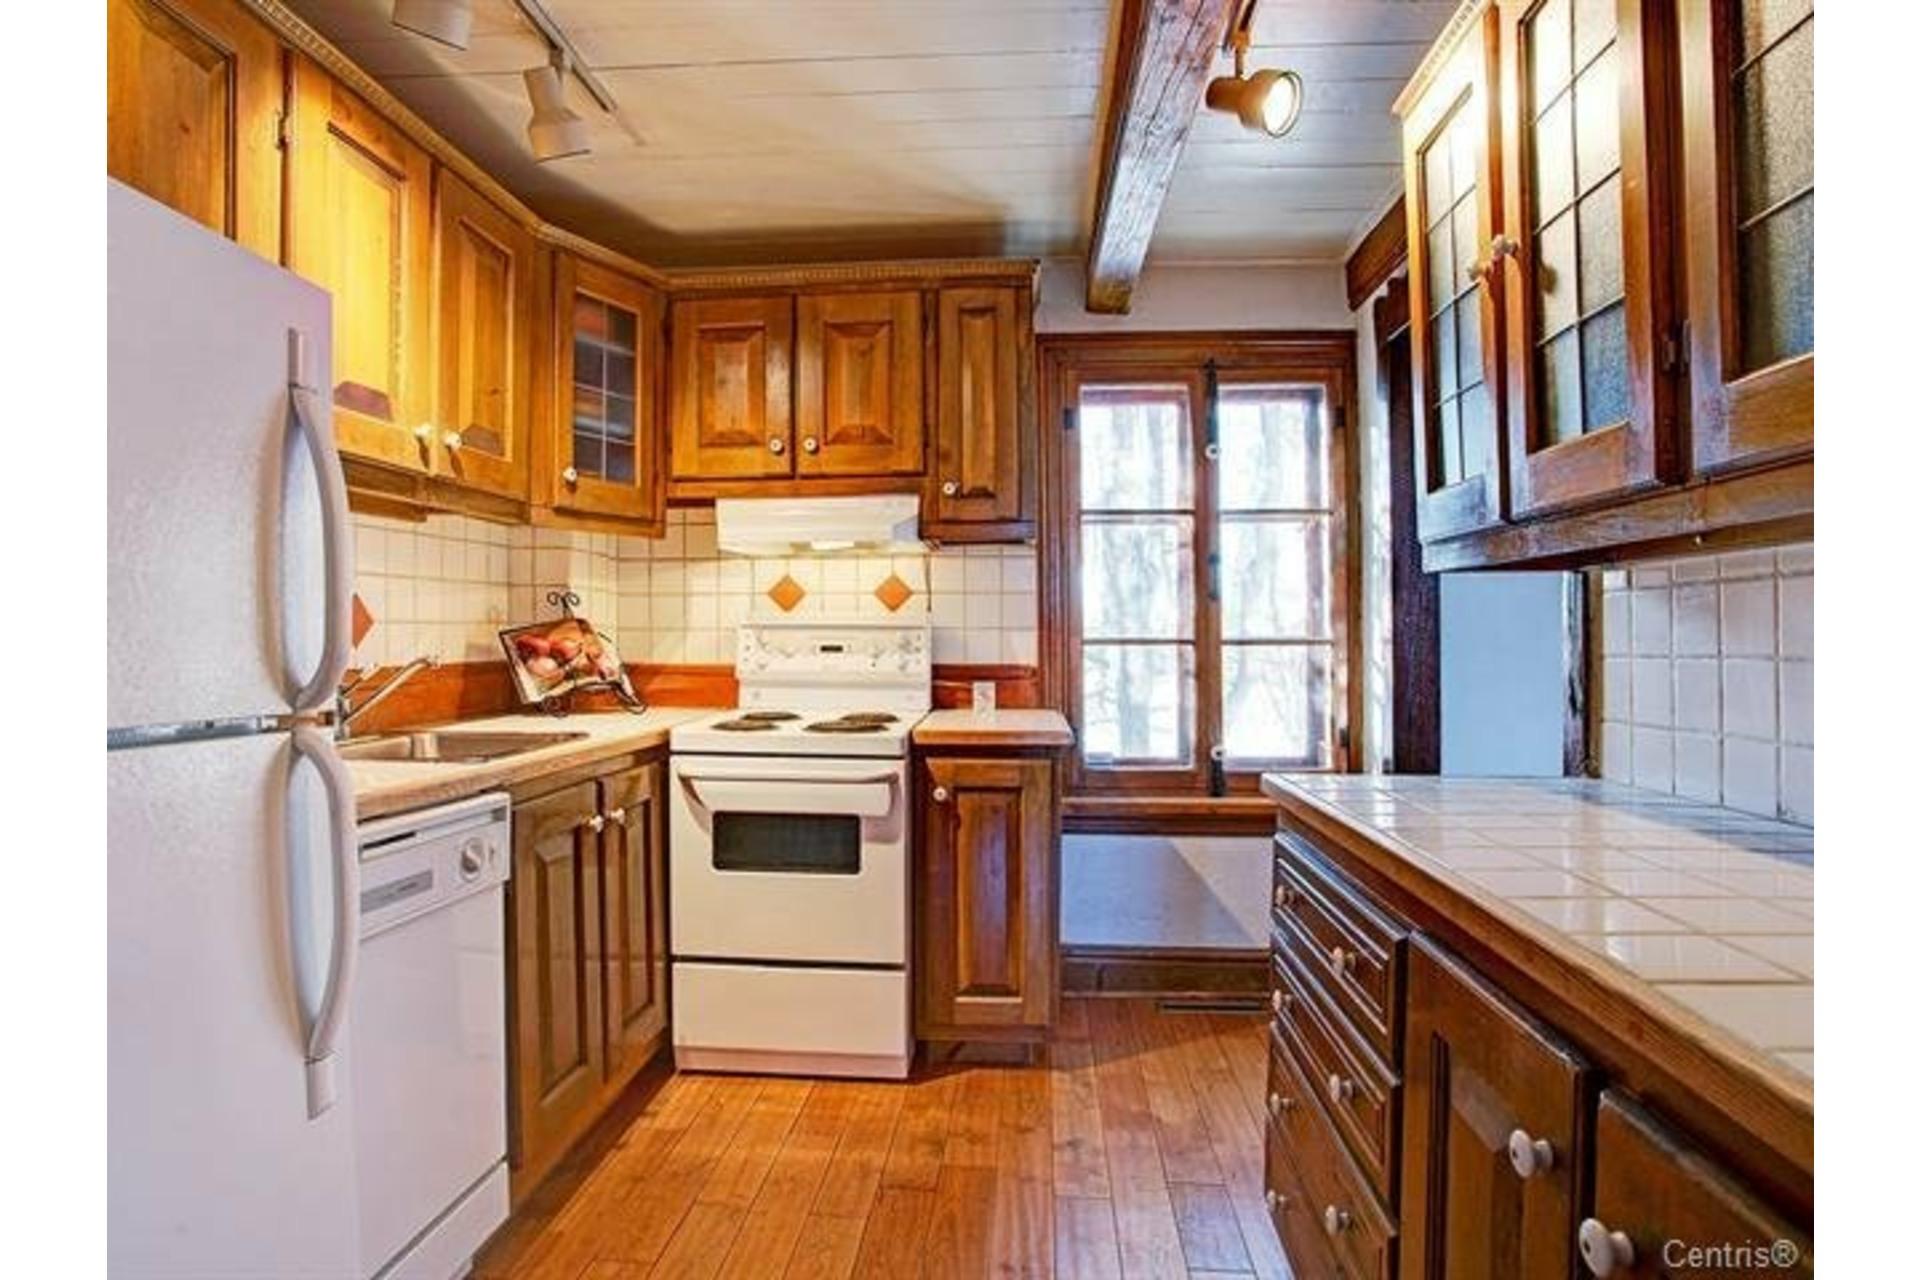 image 11 - MX - Casa sola - MX En venta Vaudreuil-Dorion - 12 habitaciones